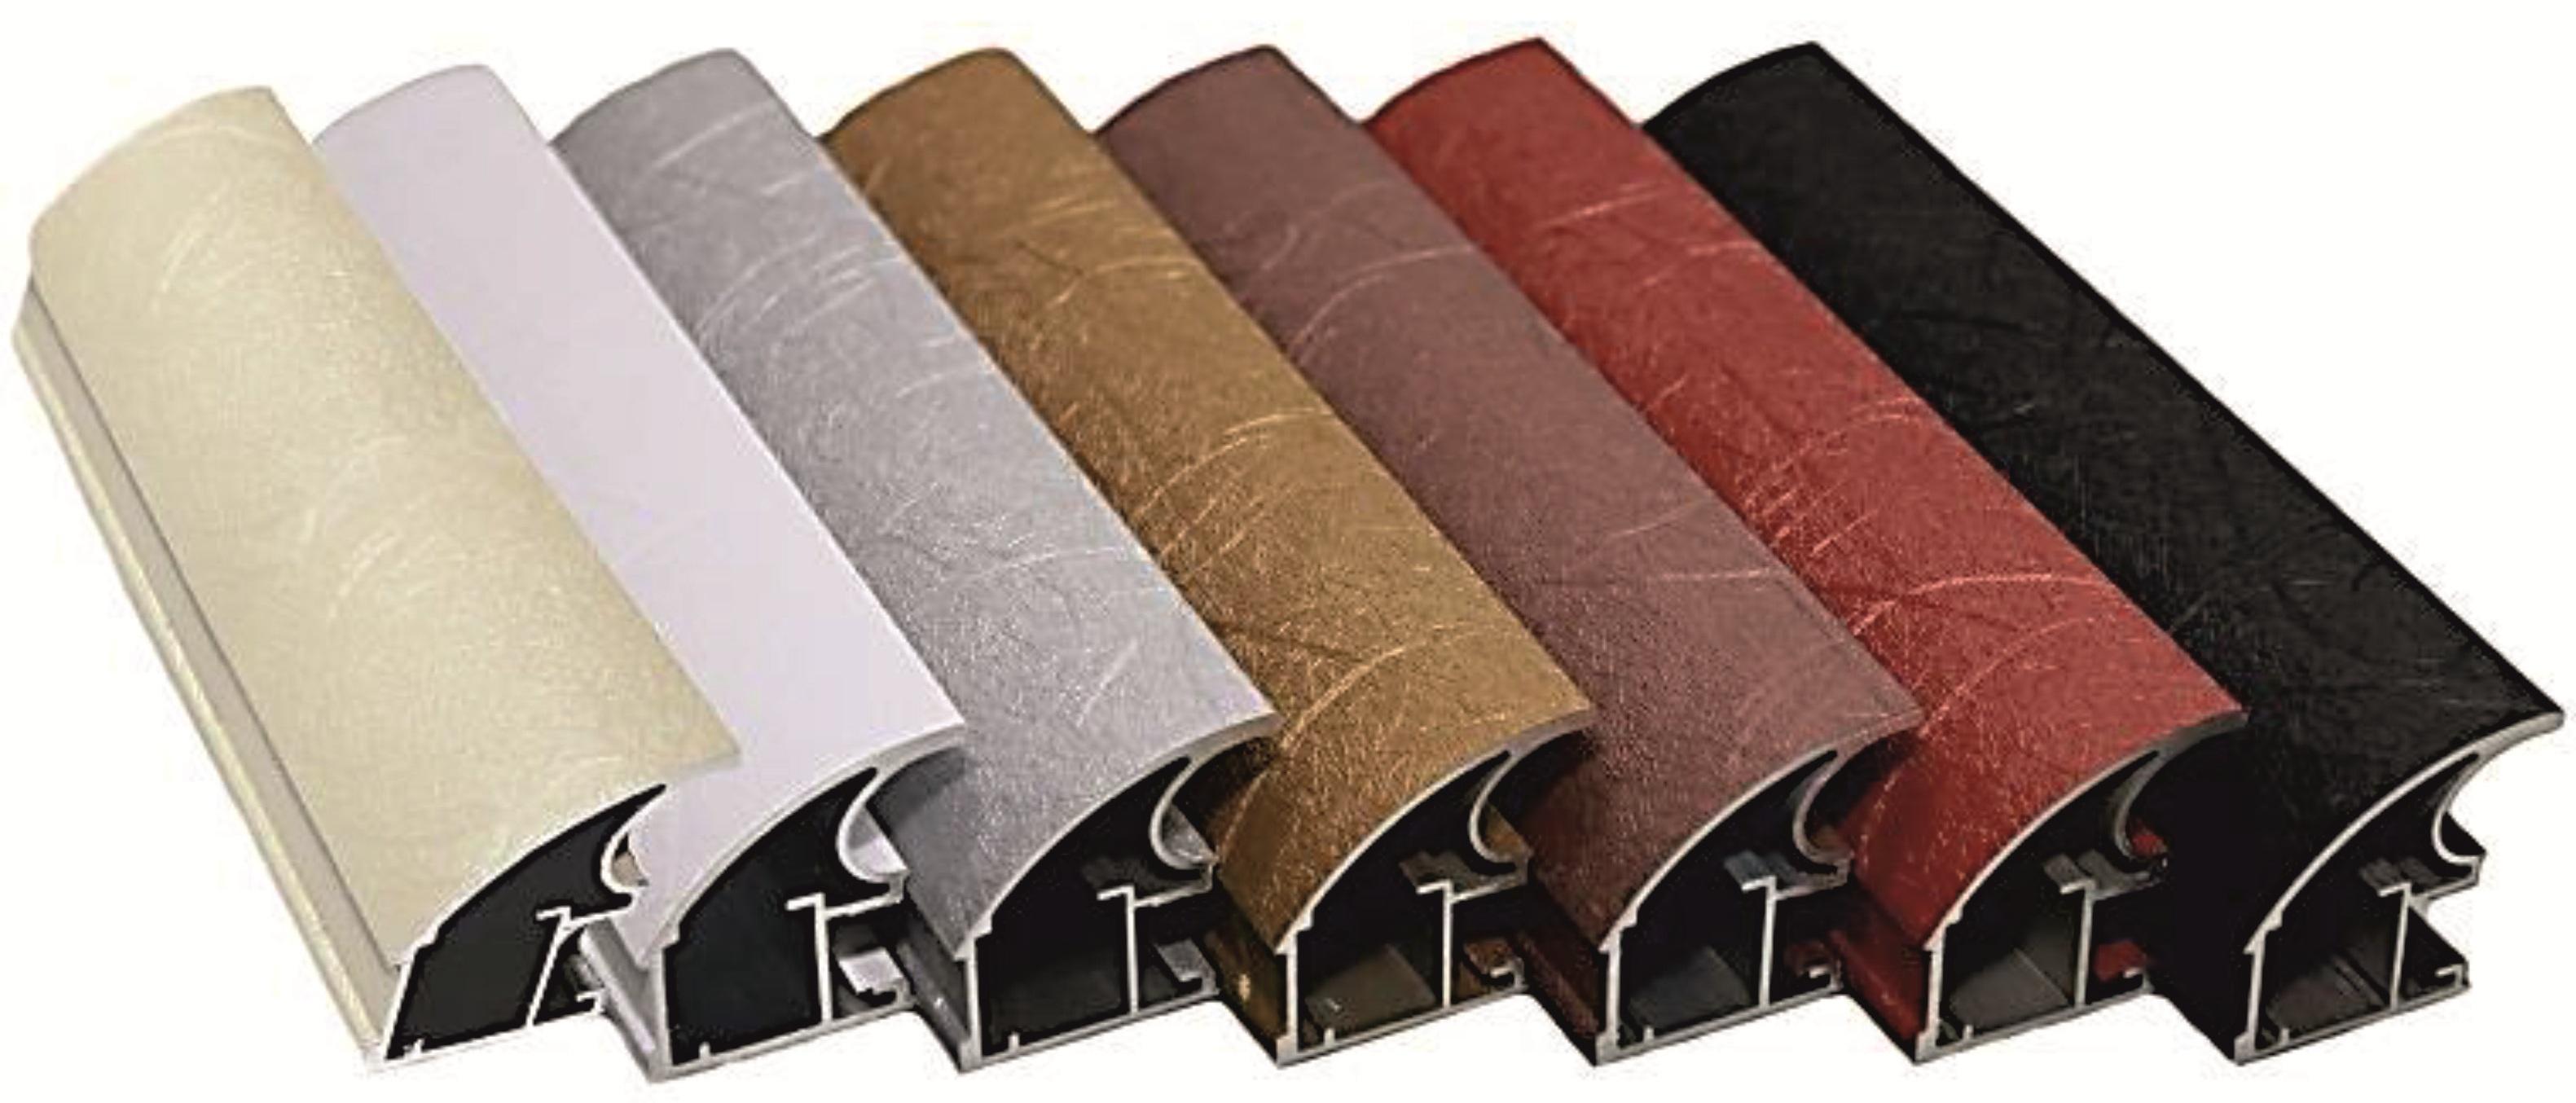 Фурнитура и комплектующие для производства корпусной мебели .